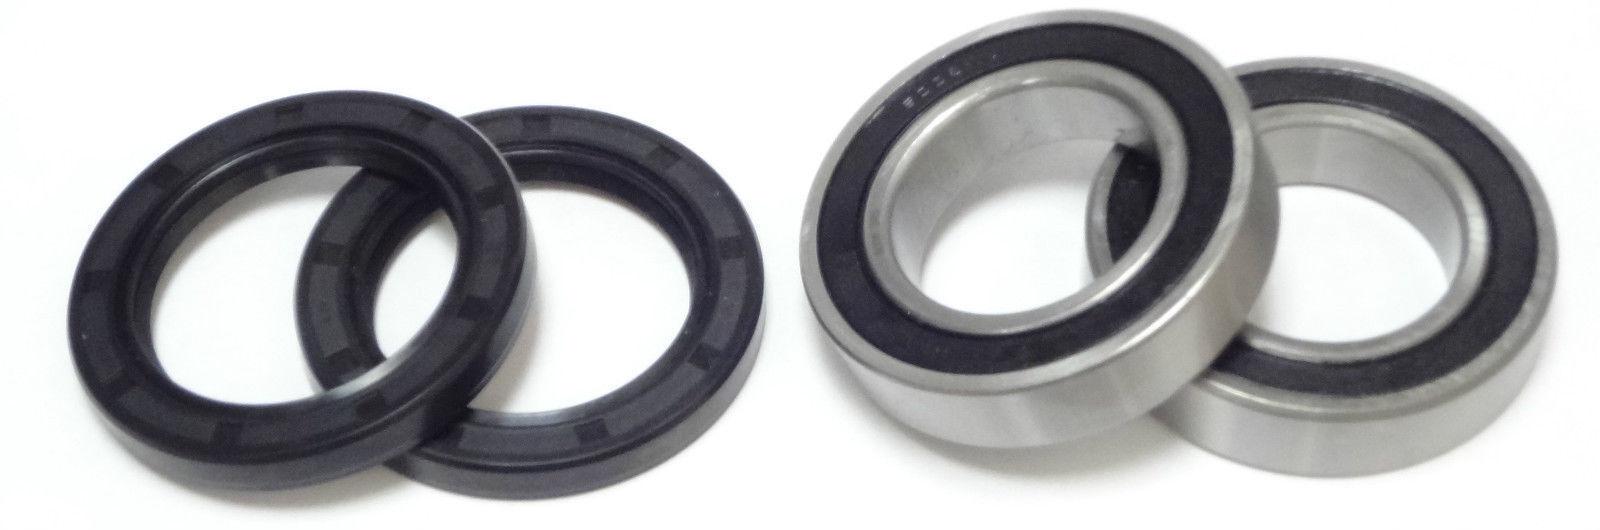 Yamaha YFM250 Big Bear Front Wheel Bearings and Seals Kit 2007 - 2009